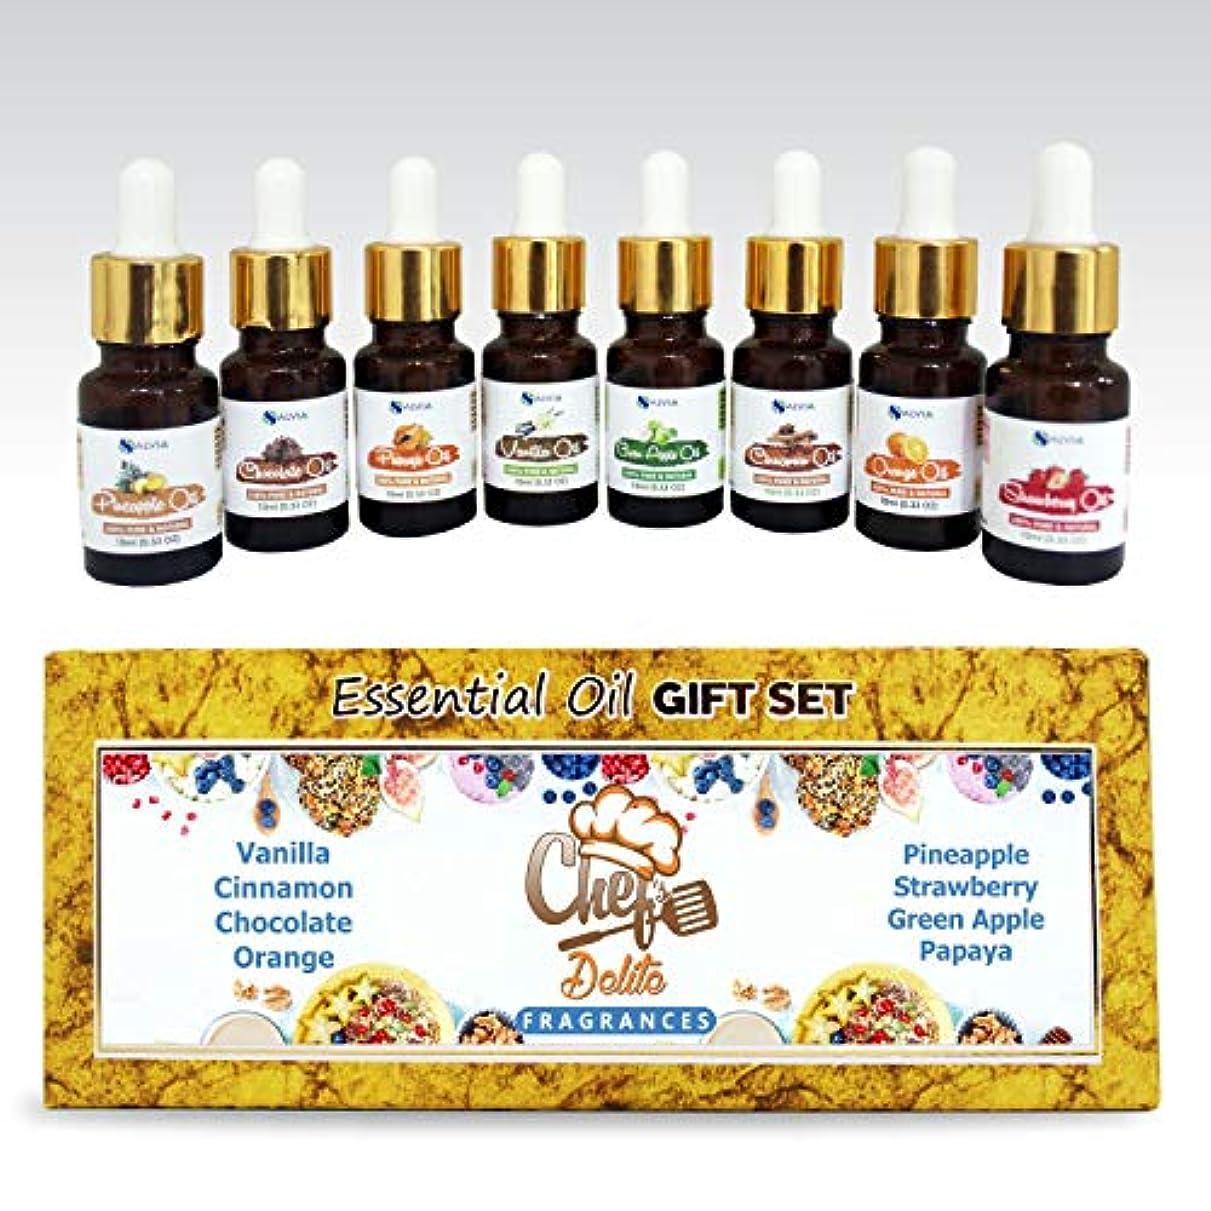 動員する屈辱する礼儀Aromatherapy Fragrance Oils 100% Natural Therapeutic Essential Oils 10ml each (Vanilla, Cinnamon, Chocolate, Orange, Pineapple, Strawberry, Greenapple, Papaya) Chef's Delite